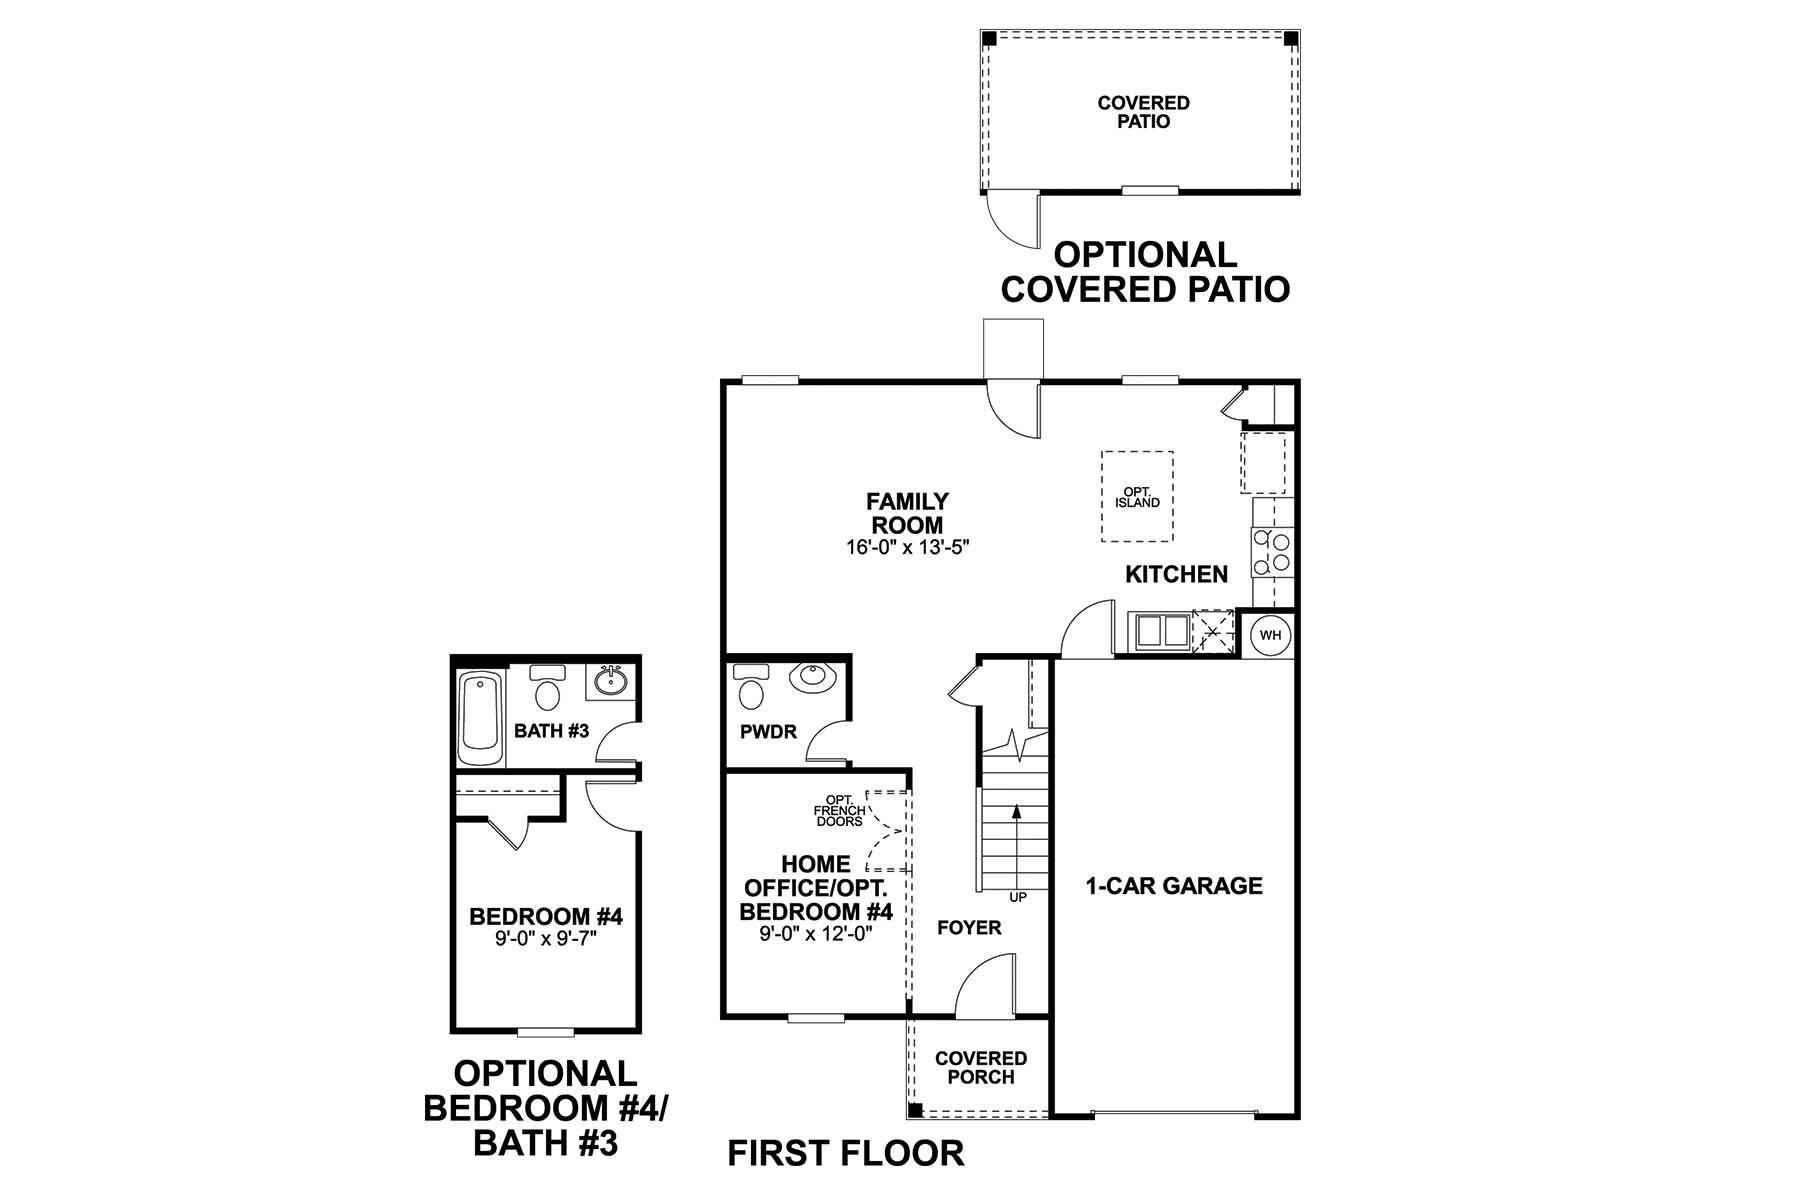 Coleman First Floor